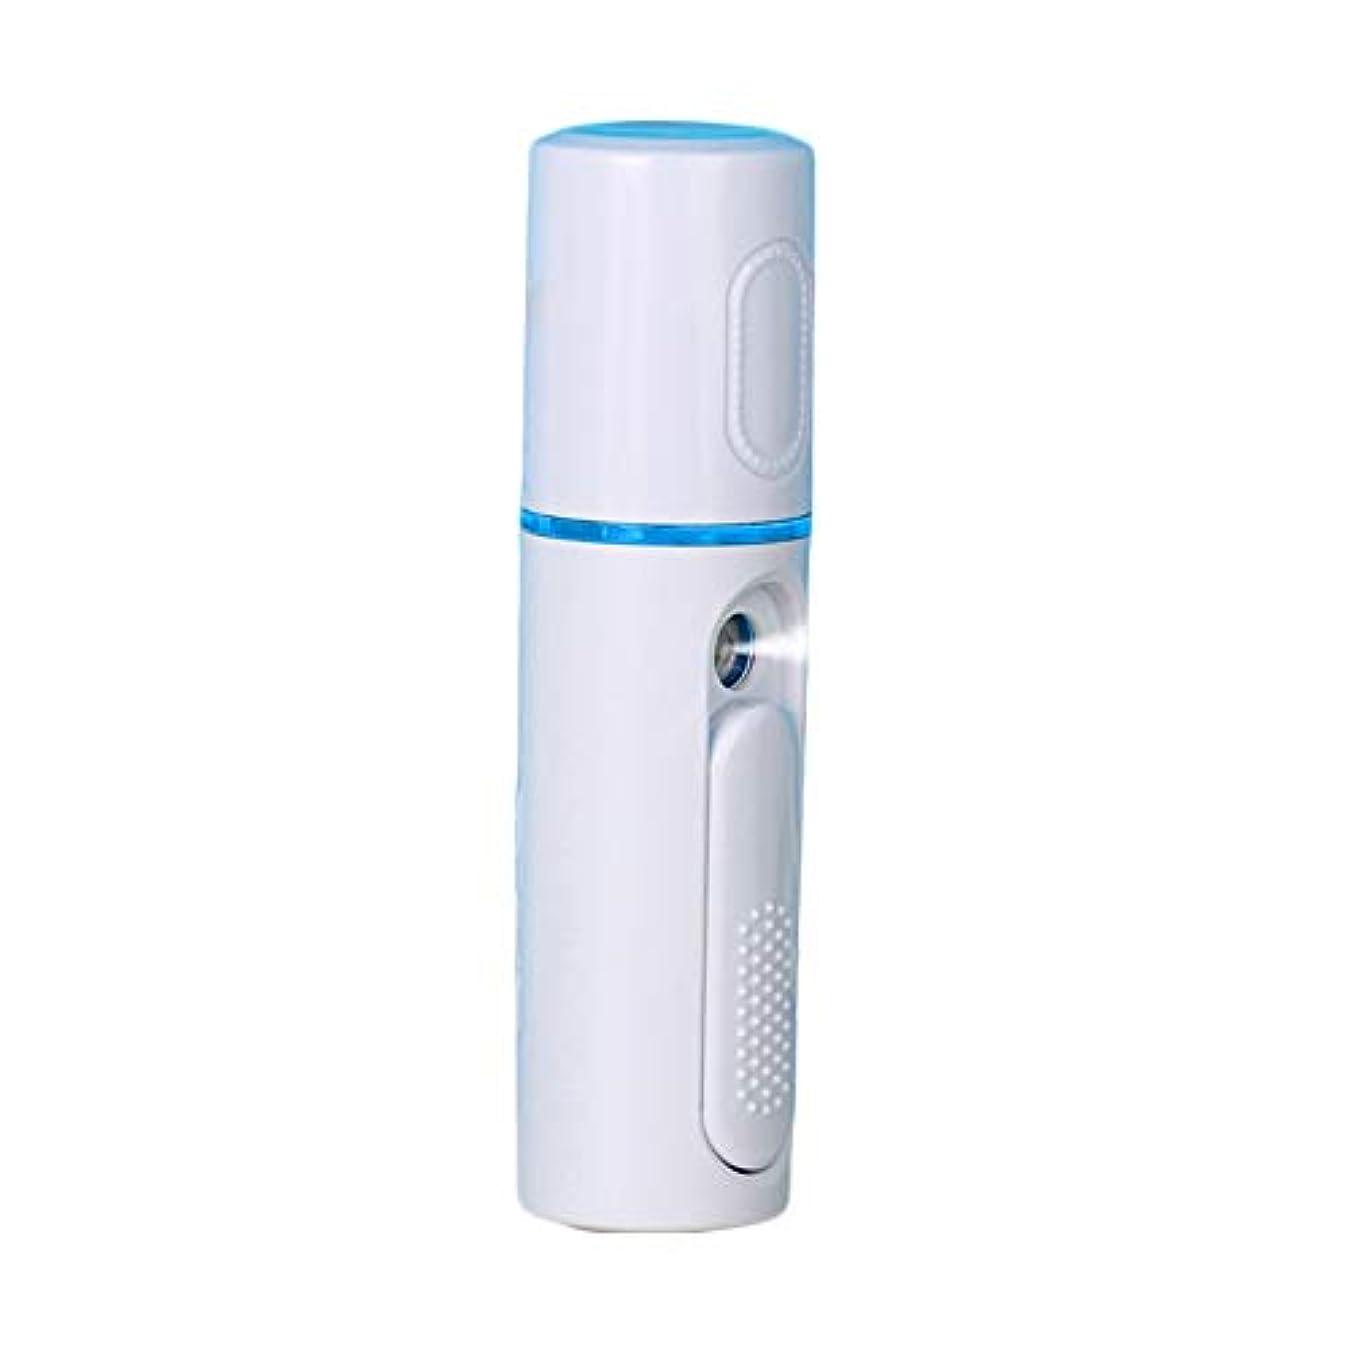 ルアー解く放出美顔器 噴霧式 ミニ携帯 ハンディ 美顔スプレー保湿 美白顔用加湿器 フェイススチーマー 補水美容器 小型 ナノミスト USB